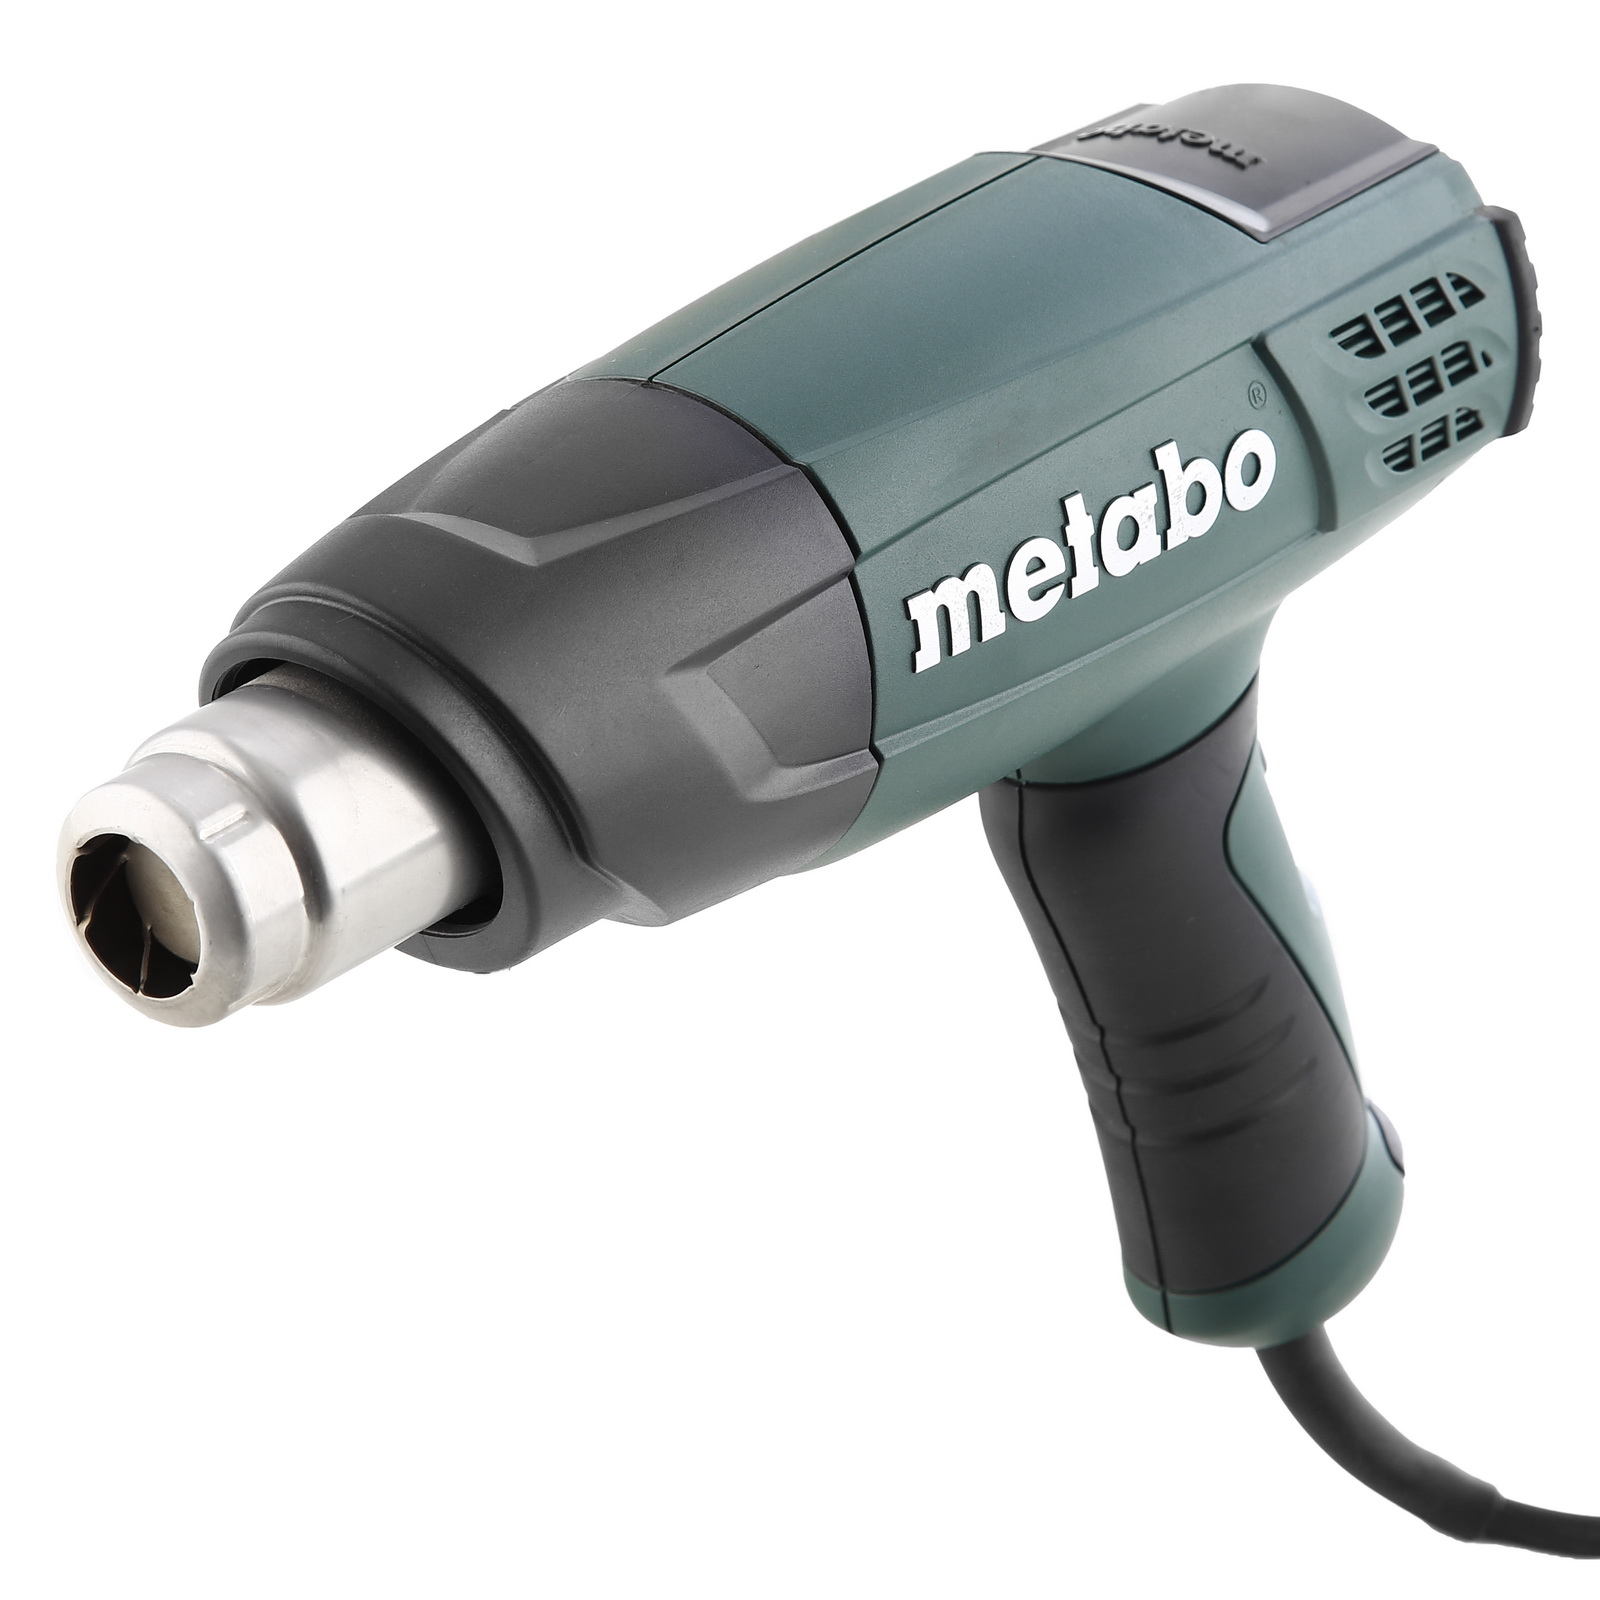 цена на Фен технический Metabo He 20-600 (602060500)